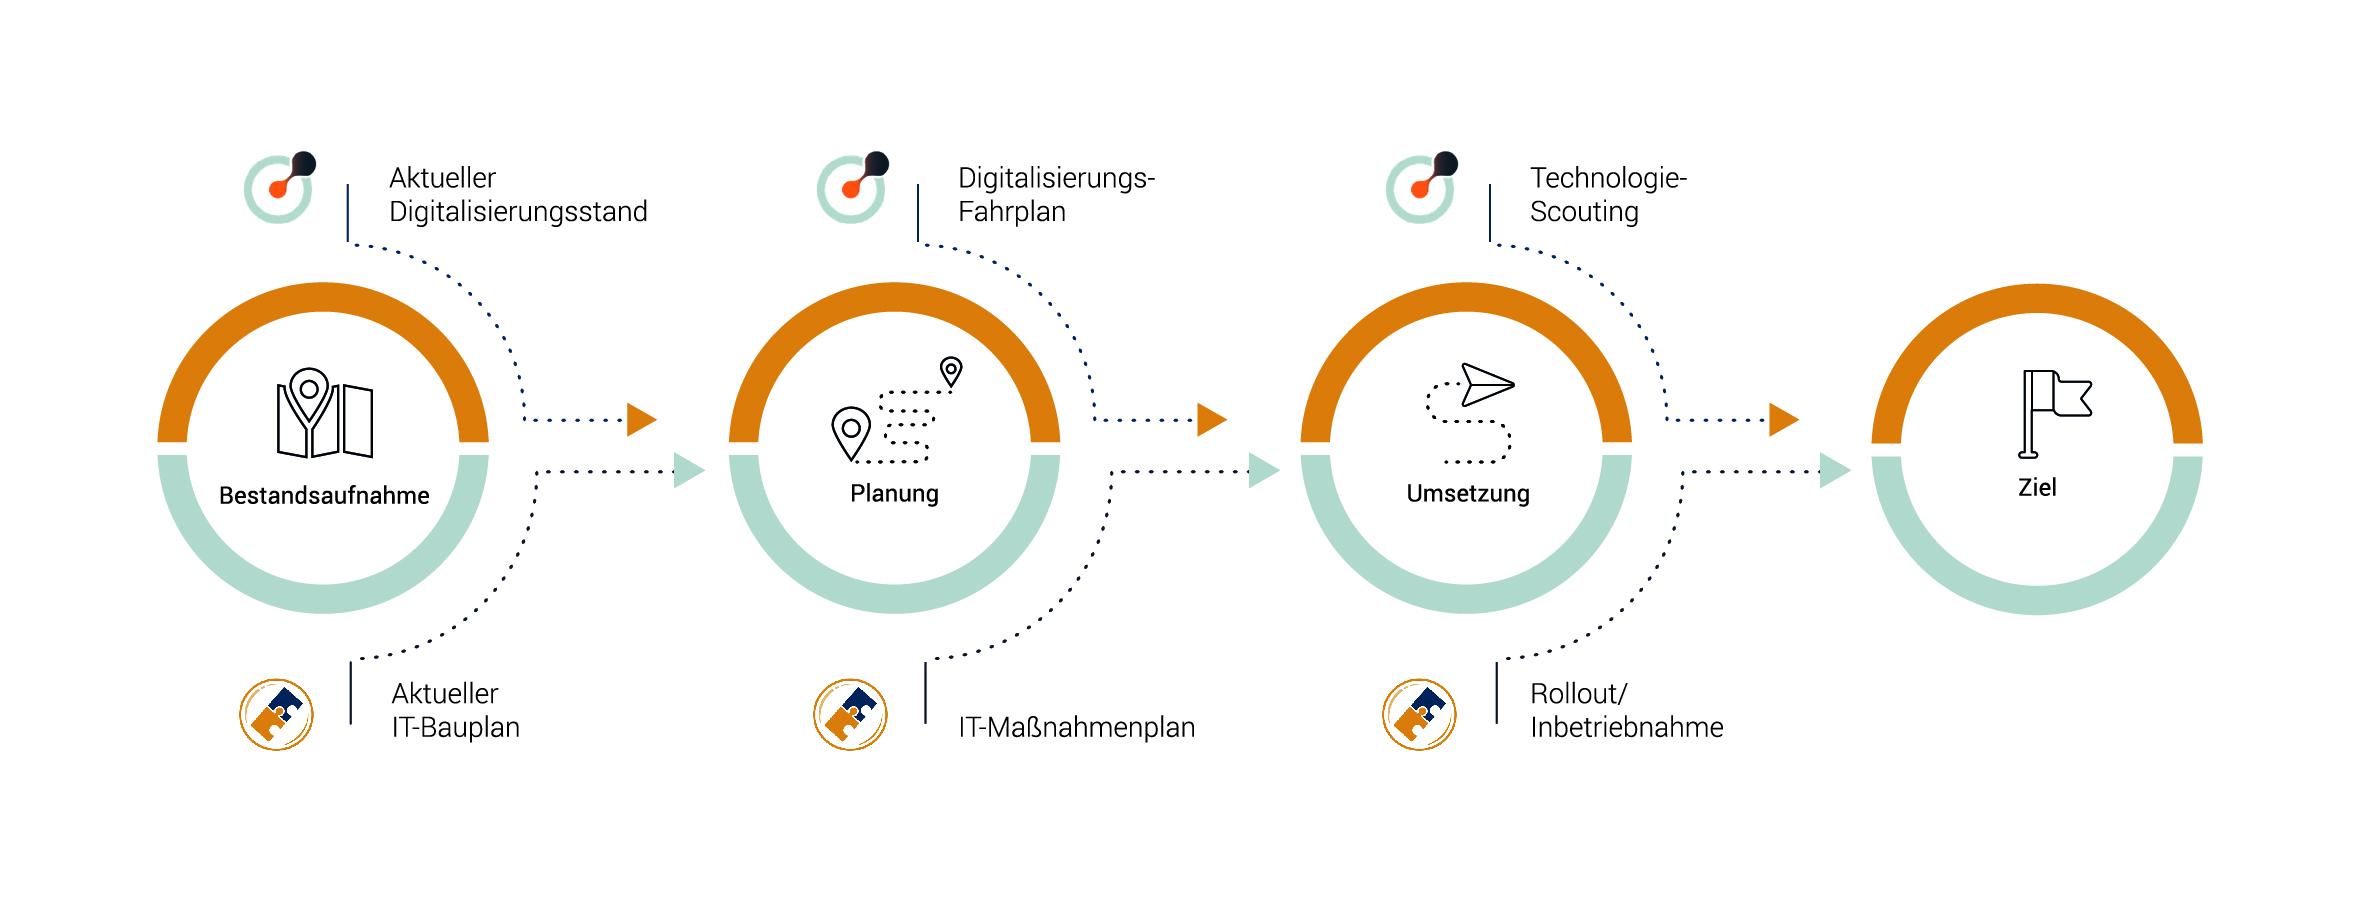 matchpilot: Gemeinsam begleiten wir den Mittelstand auf der digitalen Reise